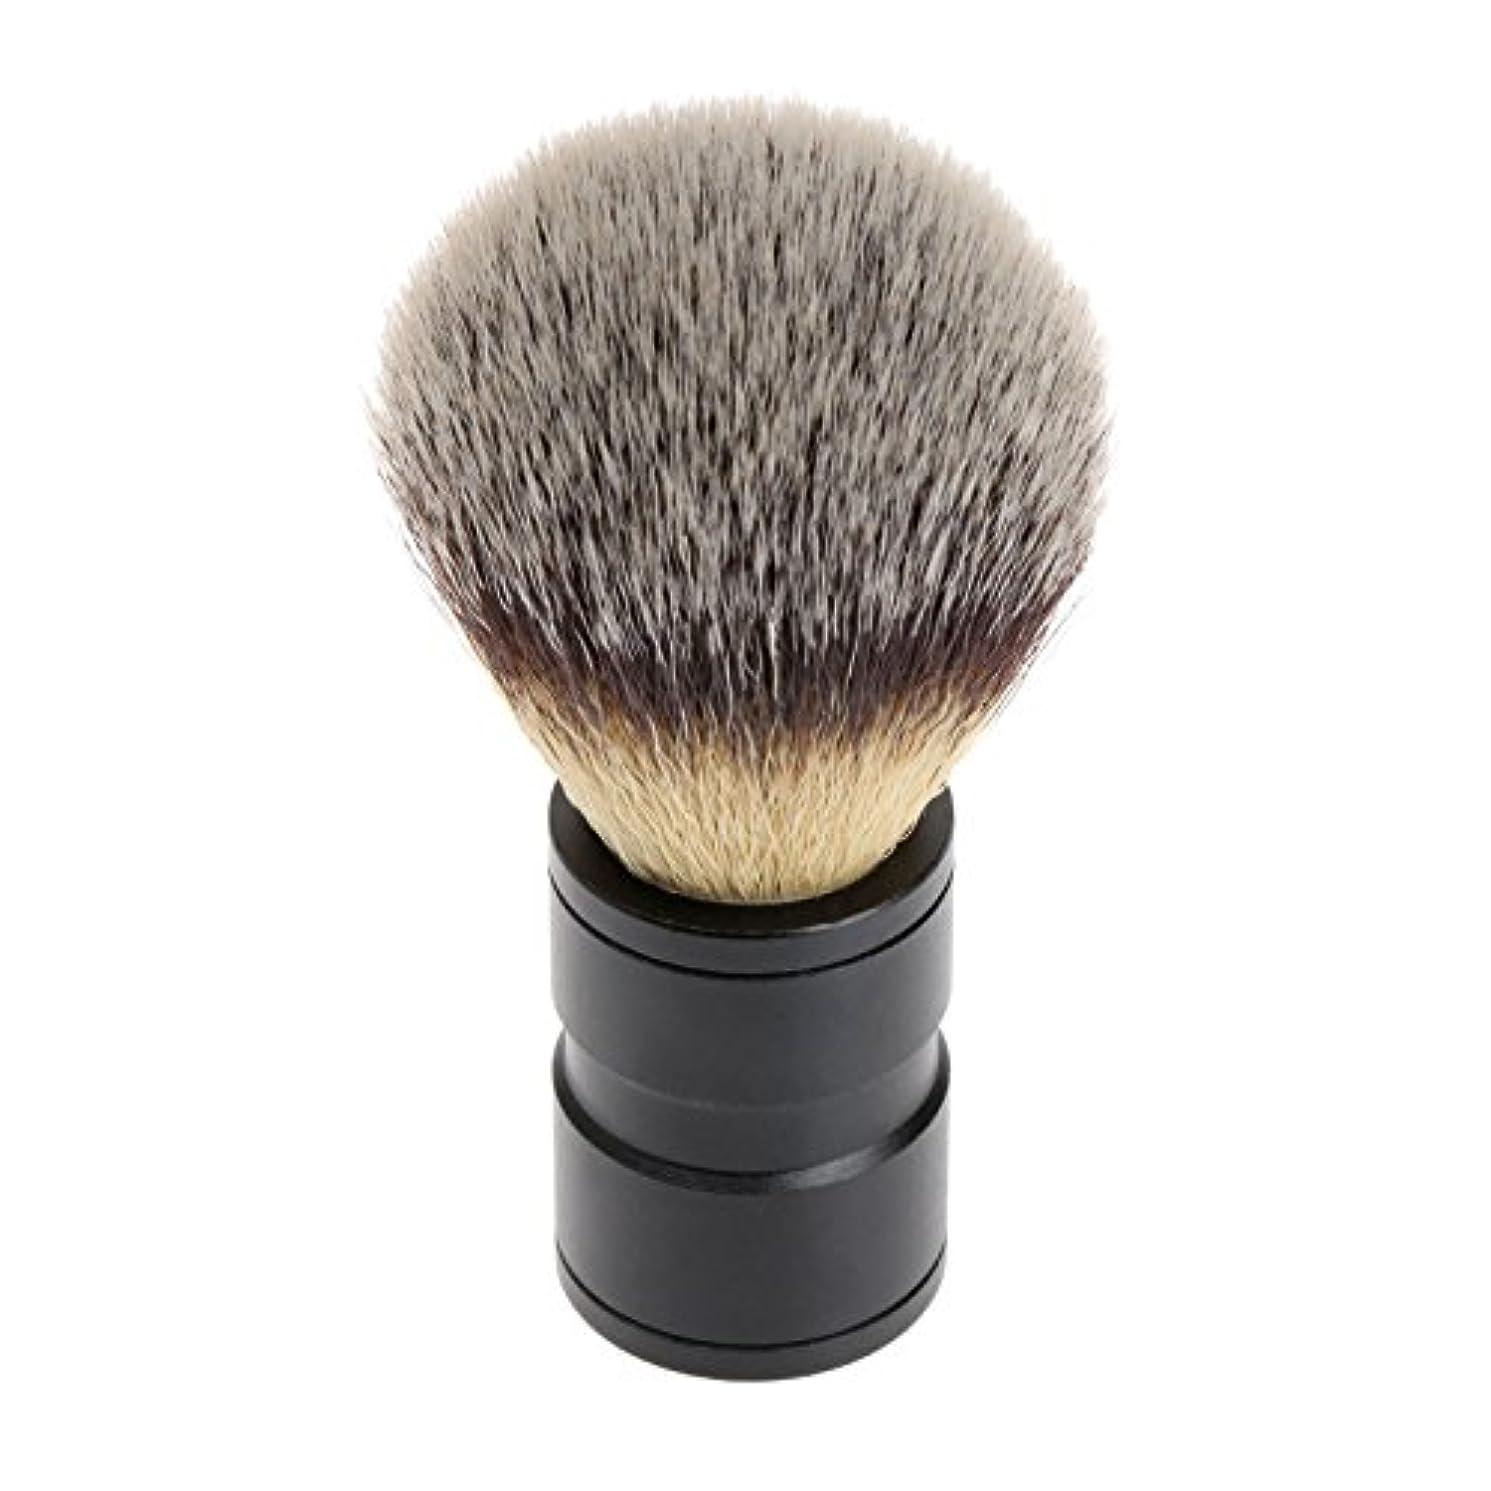 解くうめき矢シェービング ブラシ 理容 洗顔 髭剃り マッサージ 効果 ナイロン毛 メンズ